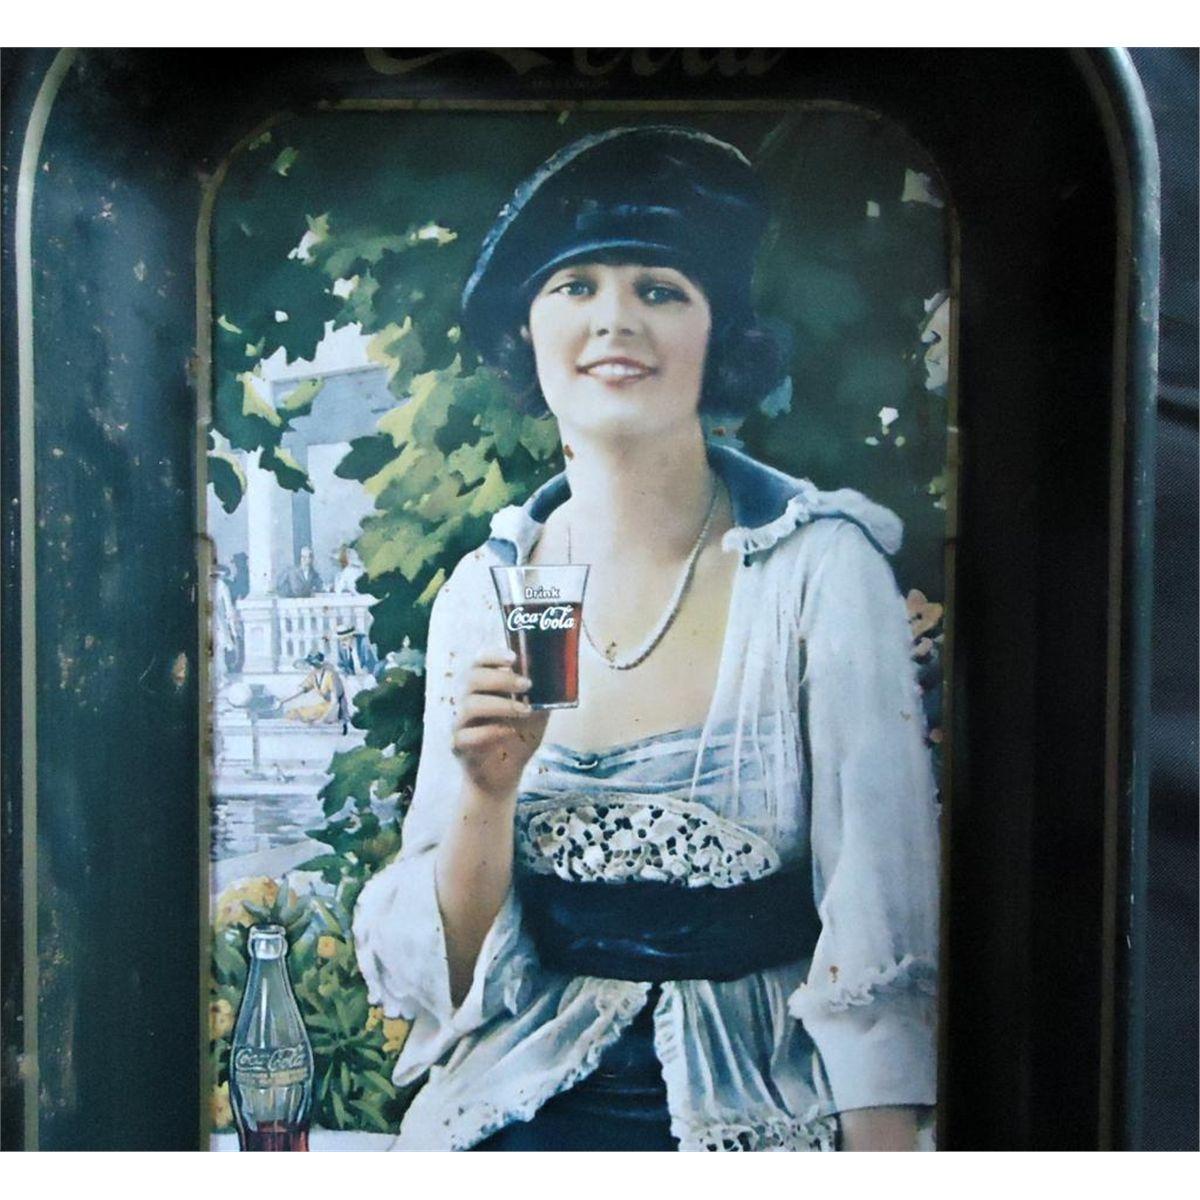 1973 Coca Cola Tray From A 1921 Coca Cola Adver